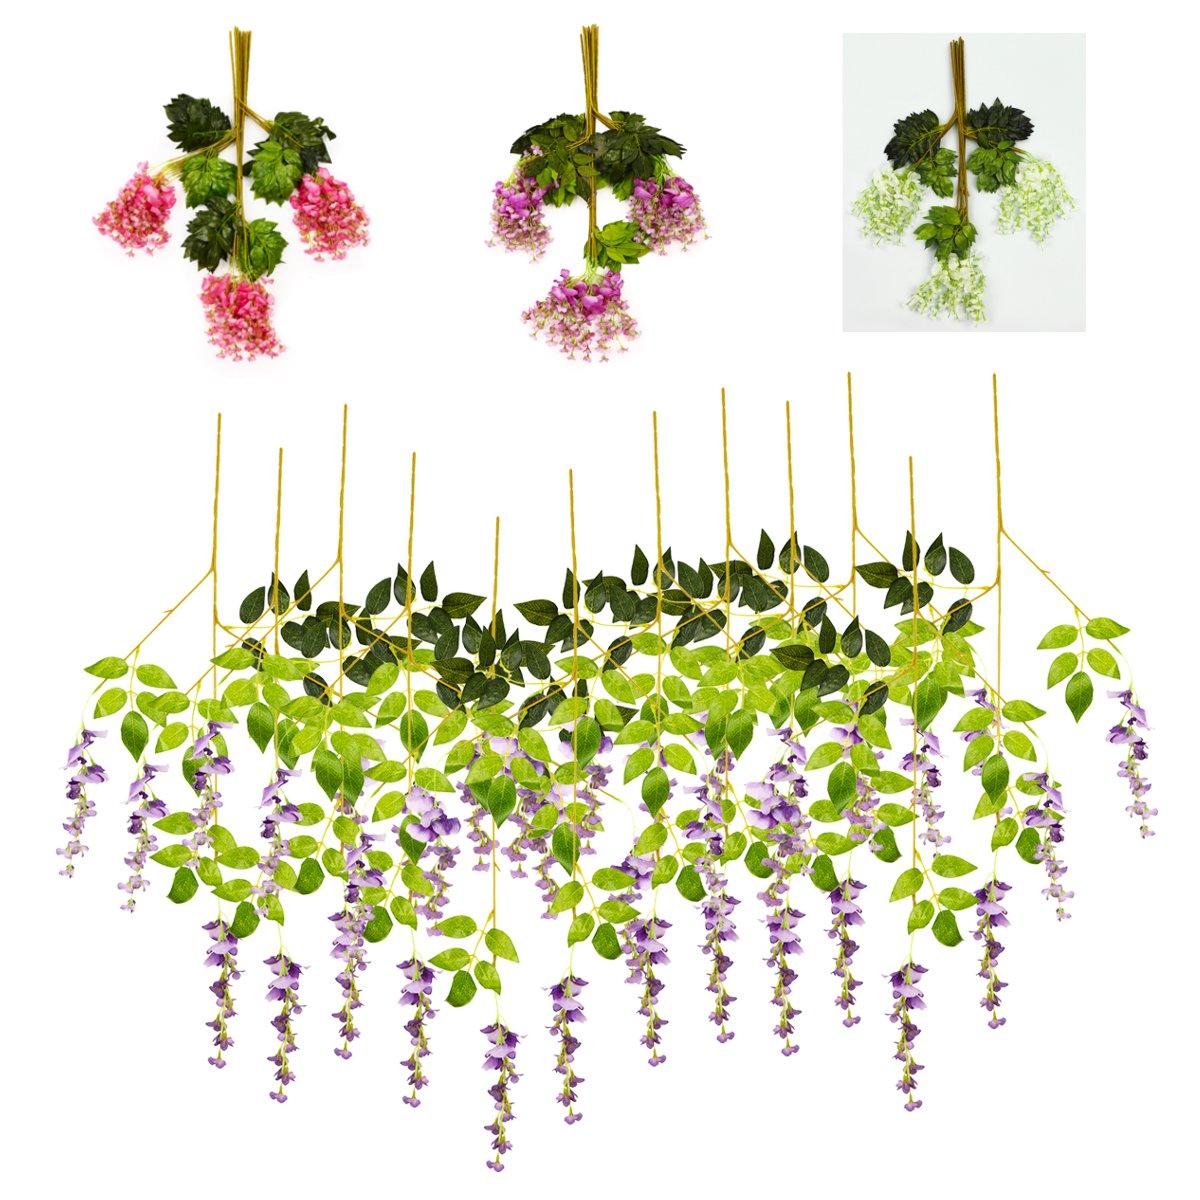 12 шт Искусственный шелковый цветок Вистерия Вина Висячие Гарланд Сад Свадебное Украшения